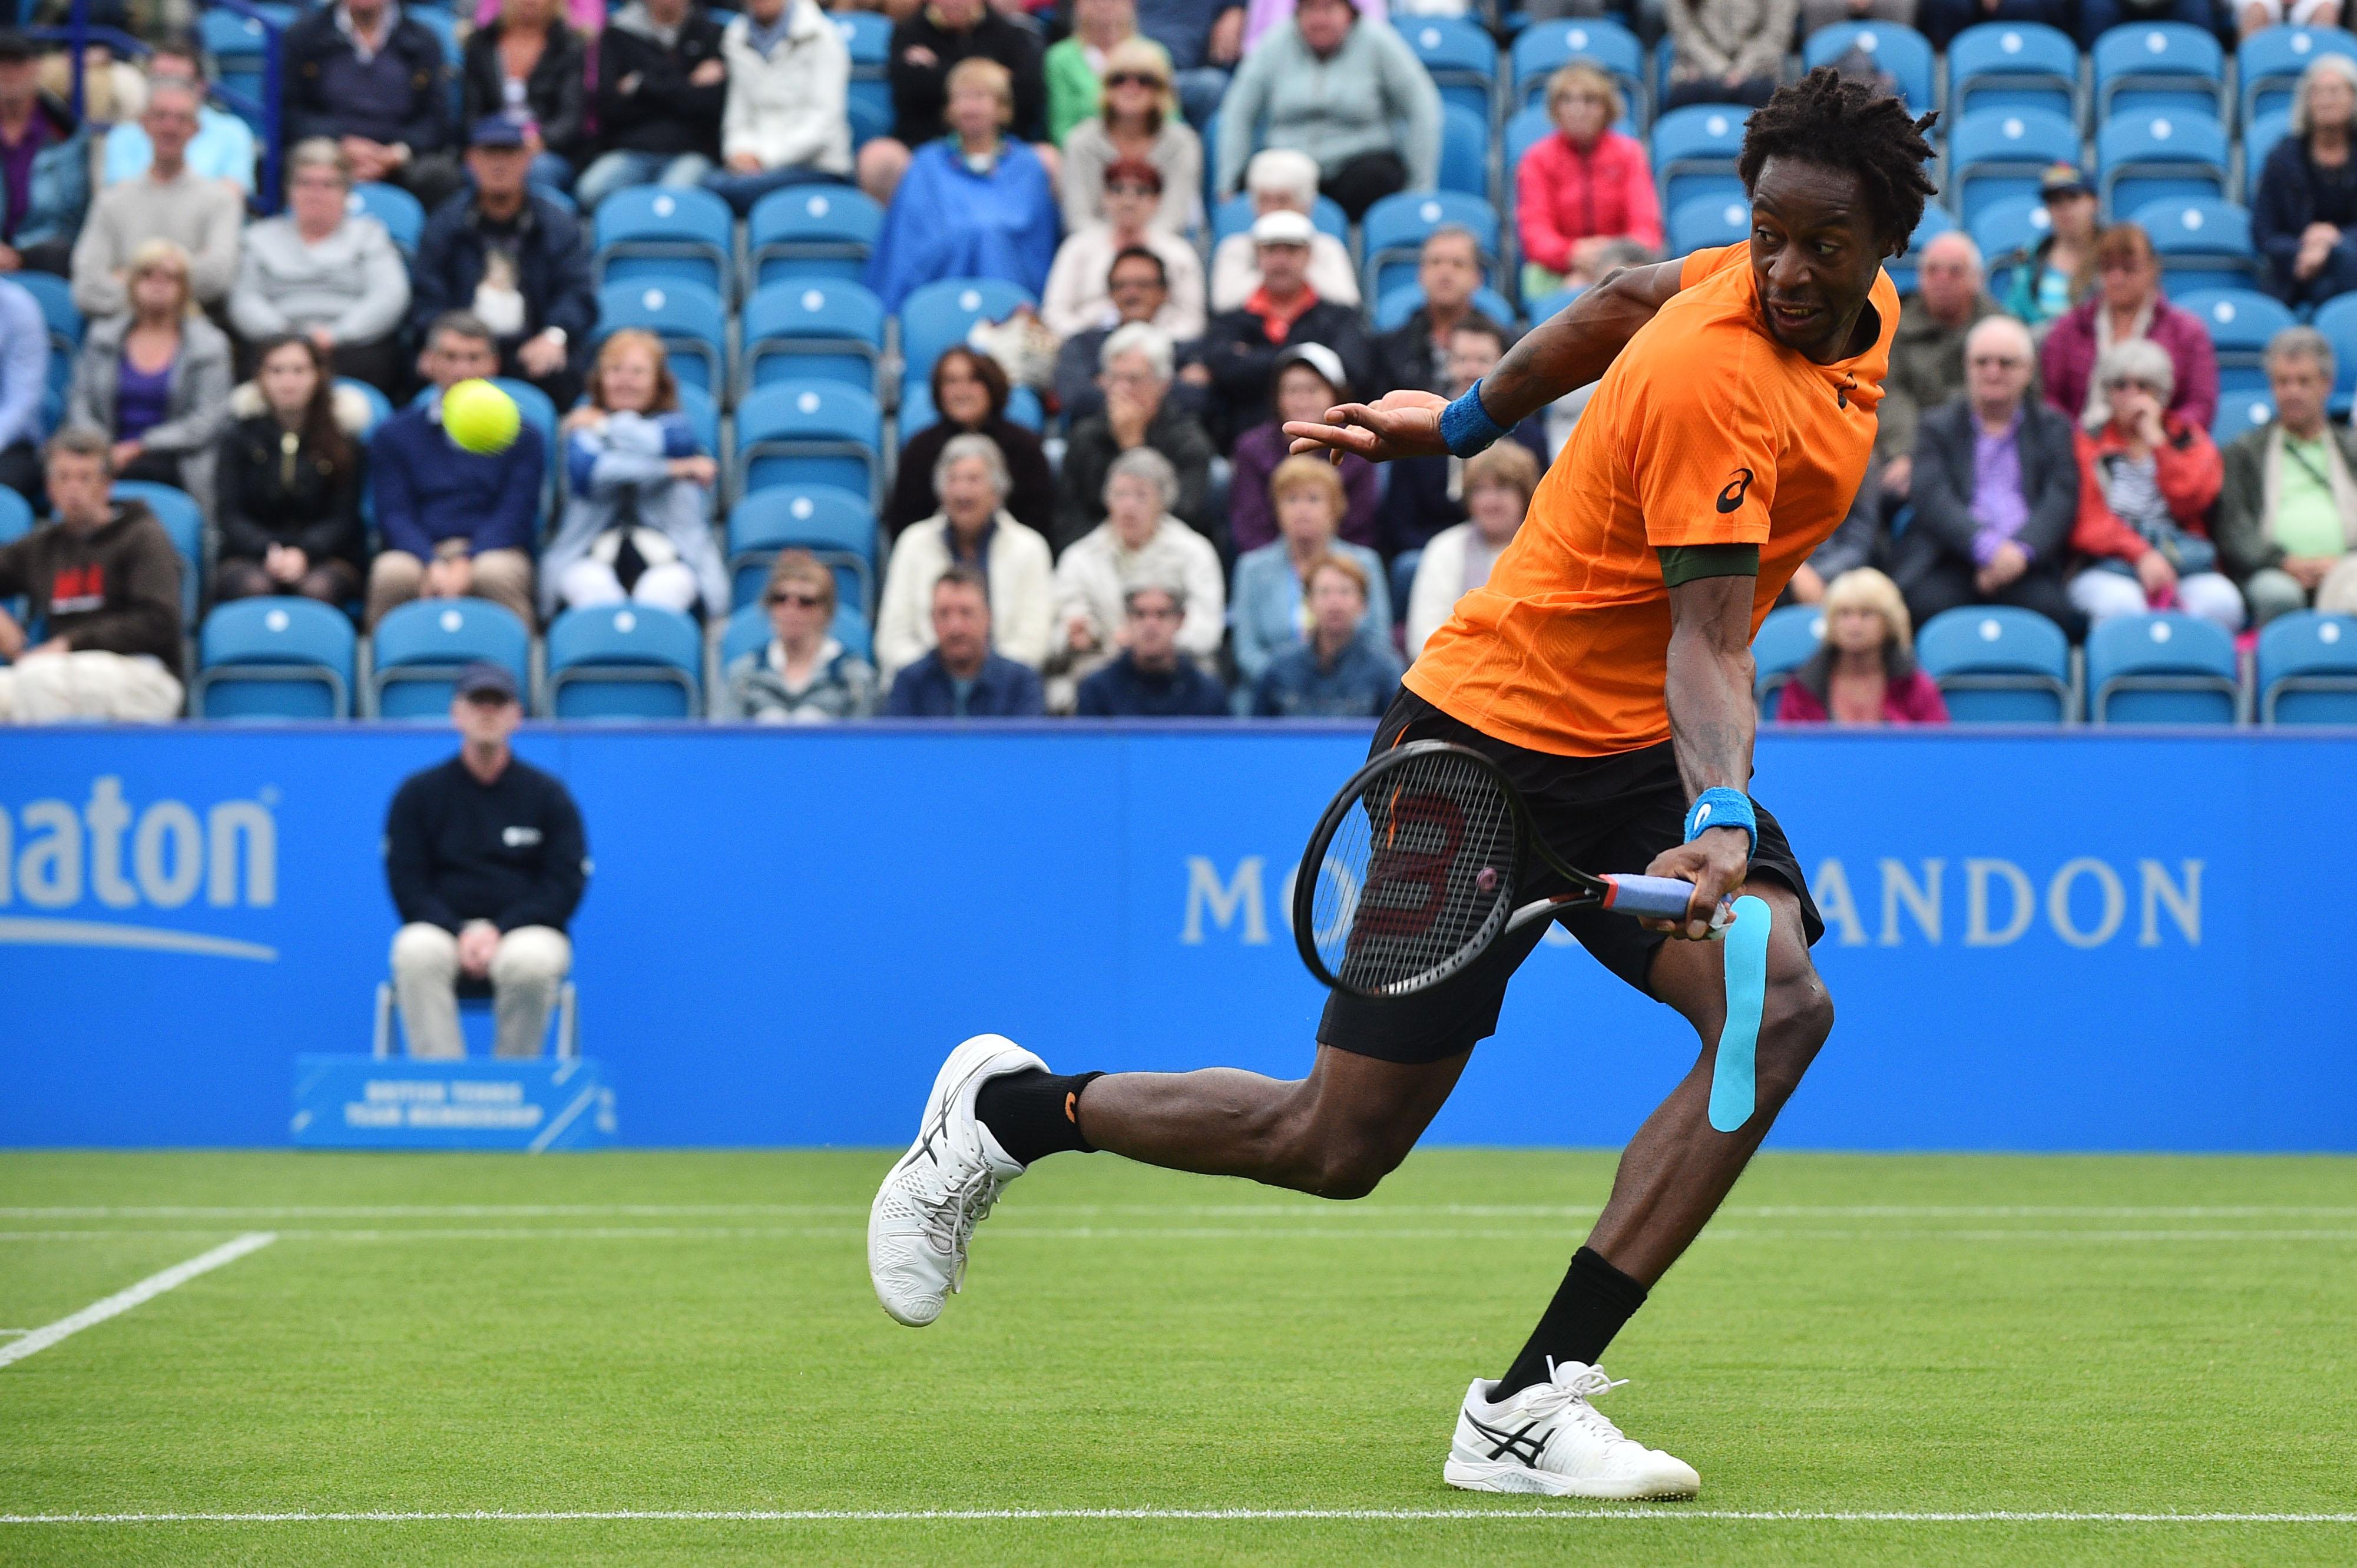 Gael Monfils lieferte sich einen harten Kampf mit Richard Gasquet. Im Finale von Eastbourne trifft der Franzose auf Novak Djokovic.